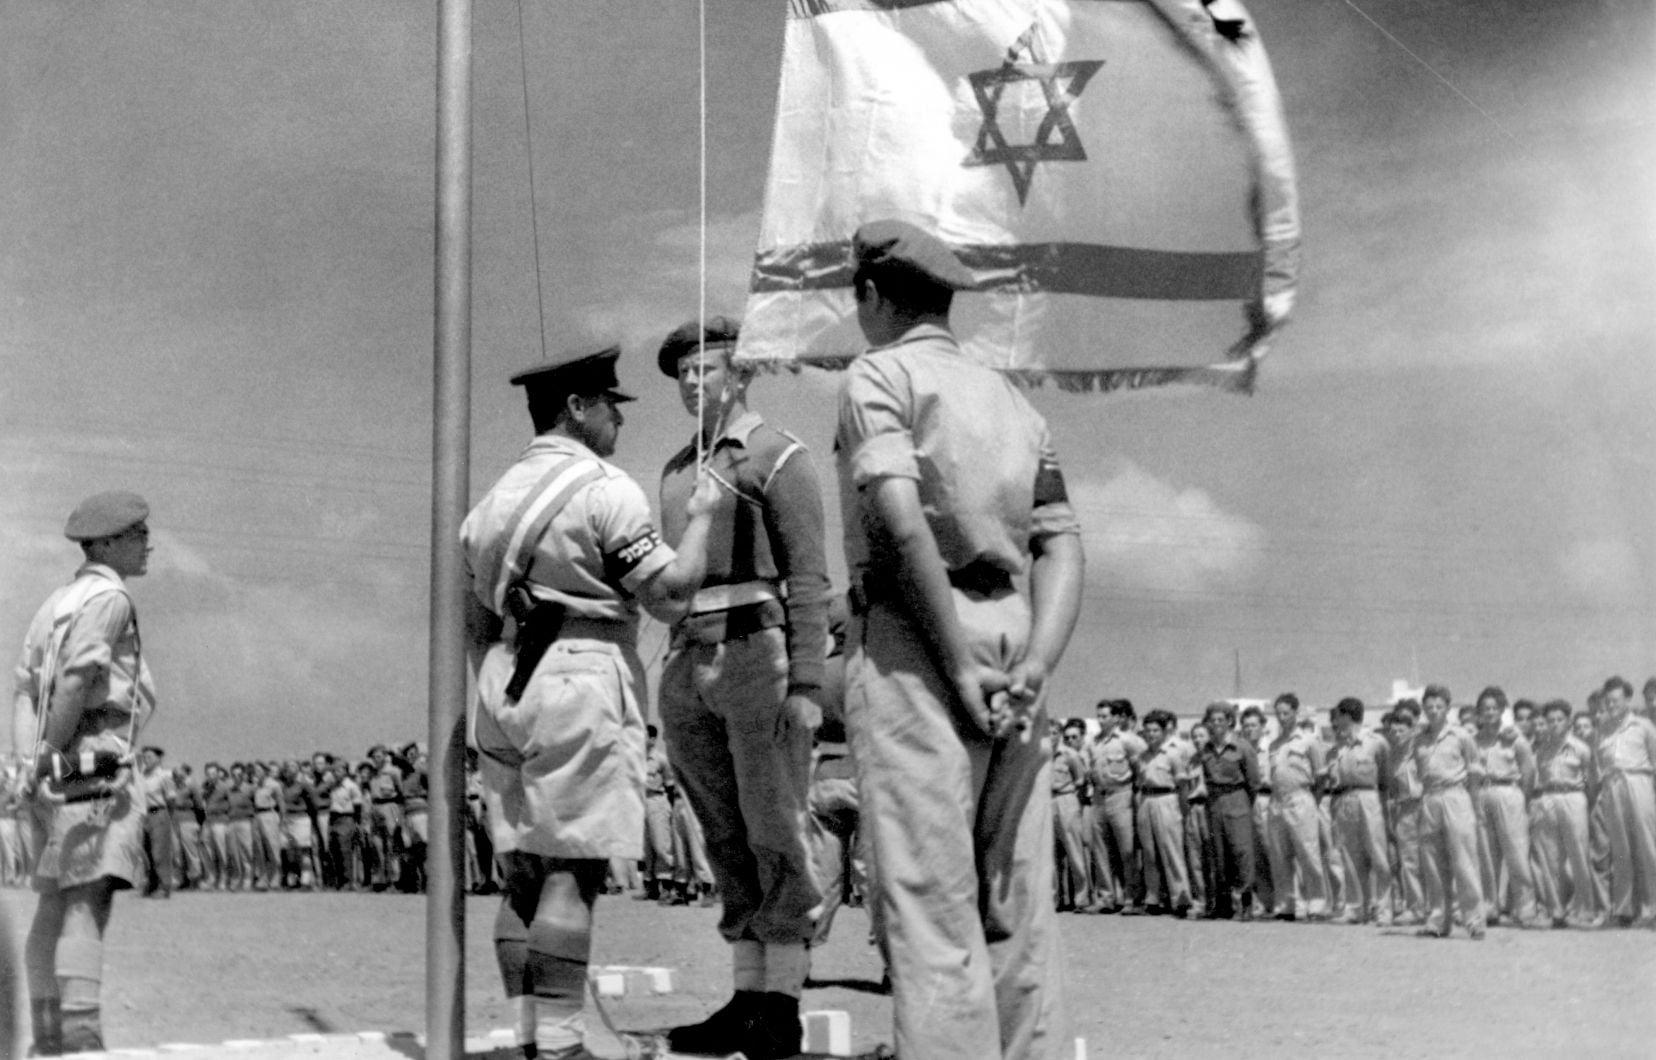 1943-1944 Priorité à une Patrie juive,sur les sauvetages, par Marc-André Charguéraud